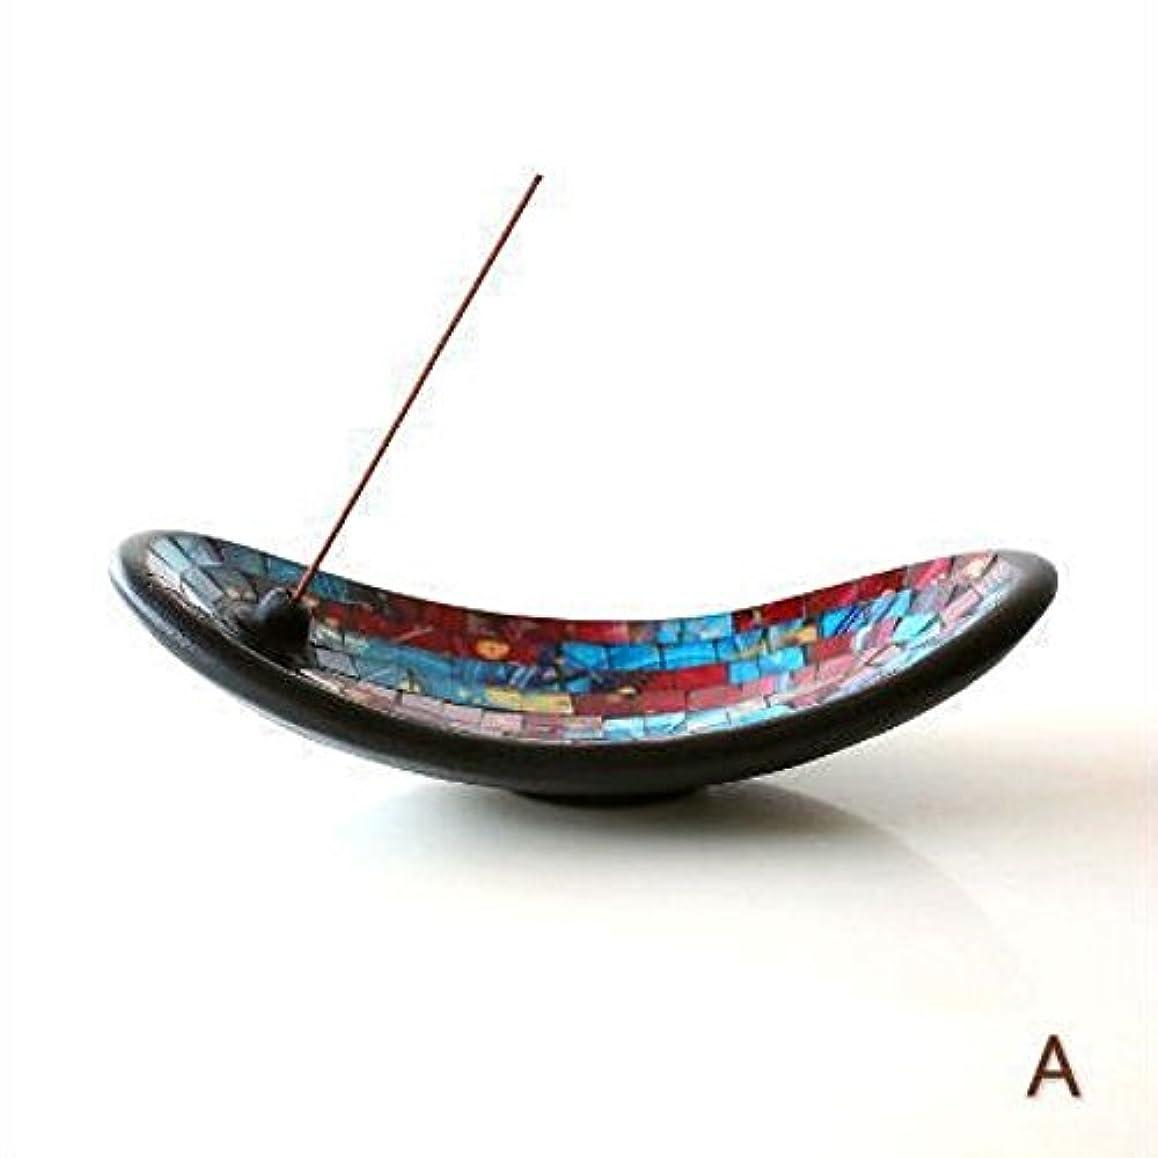 冷蔵するタヒチインデックスお香立て スティック おしゃれ かわいい モザイクガラスのインセンスホルダー [tom4305] (A)